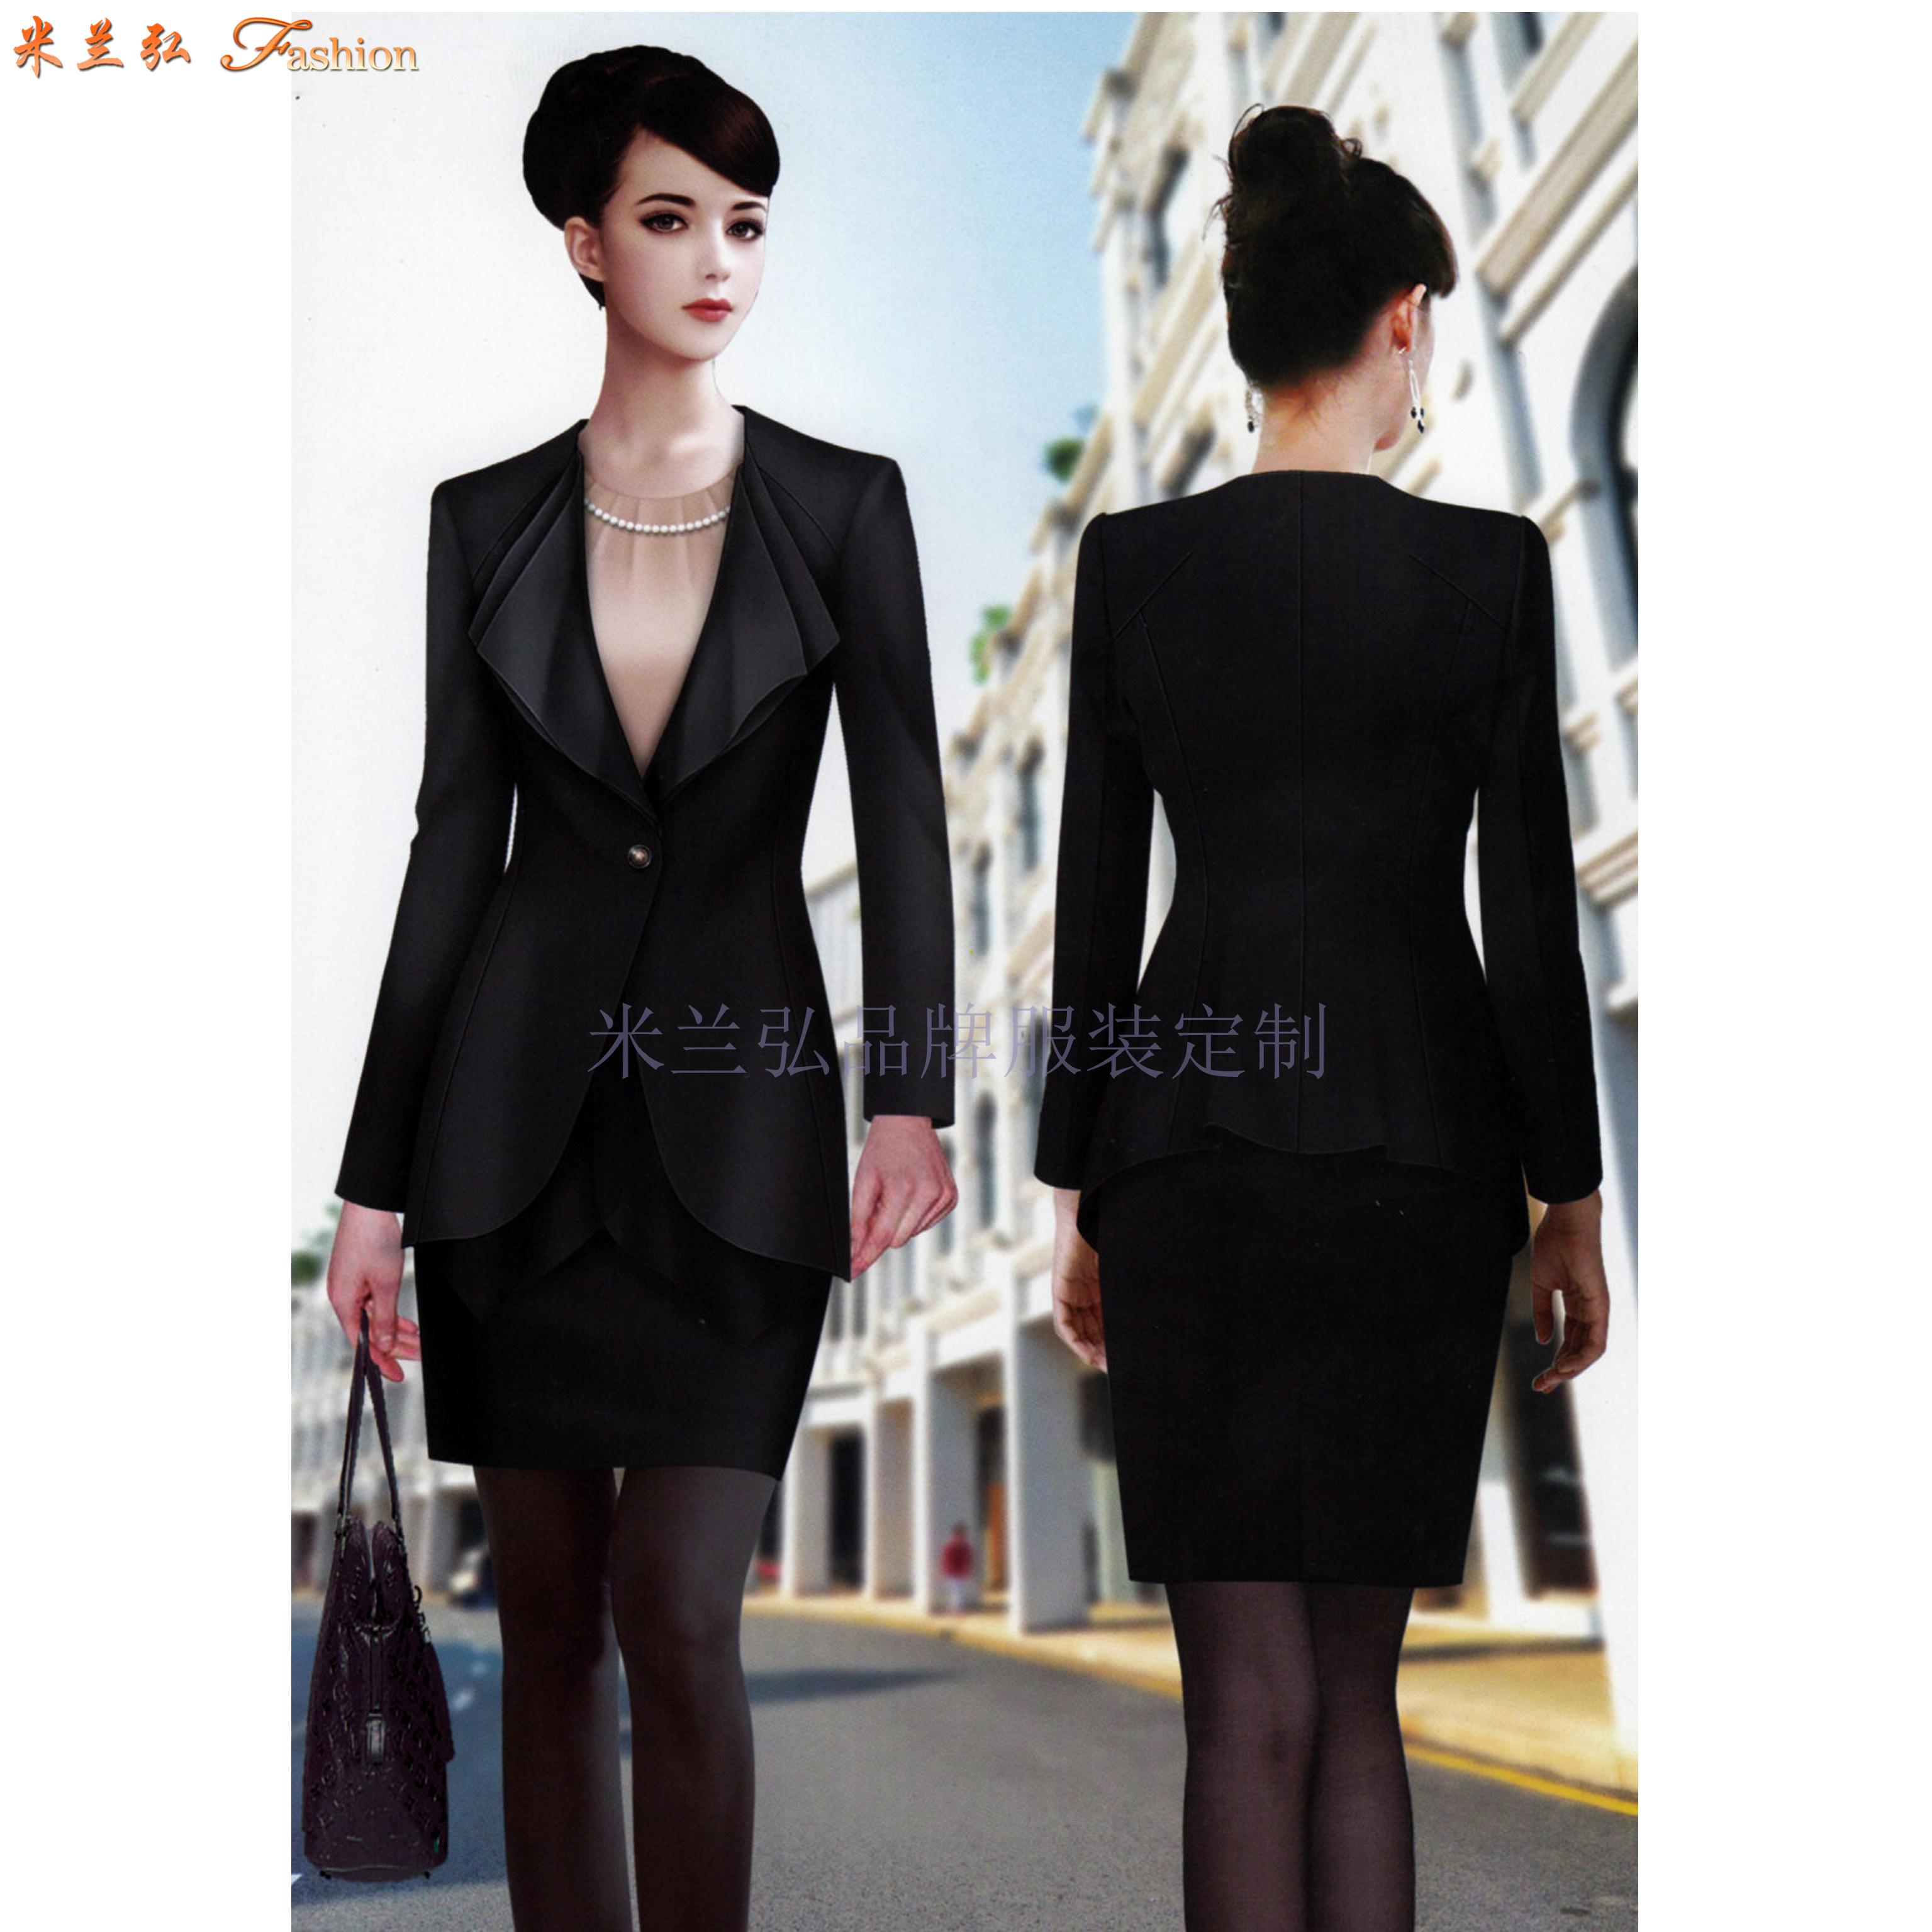 女職業裝套裝|美女搭配新款時尚職業小西服圖片-Top米蘭弘-6